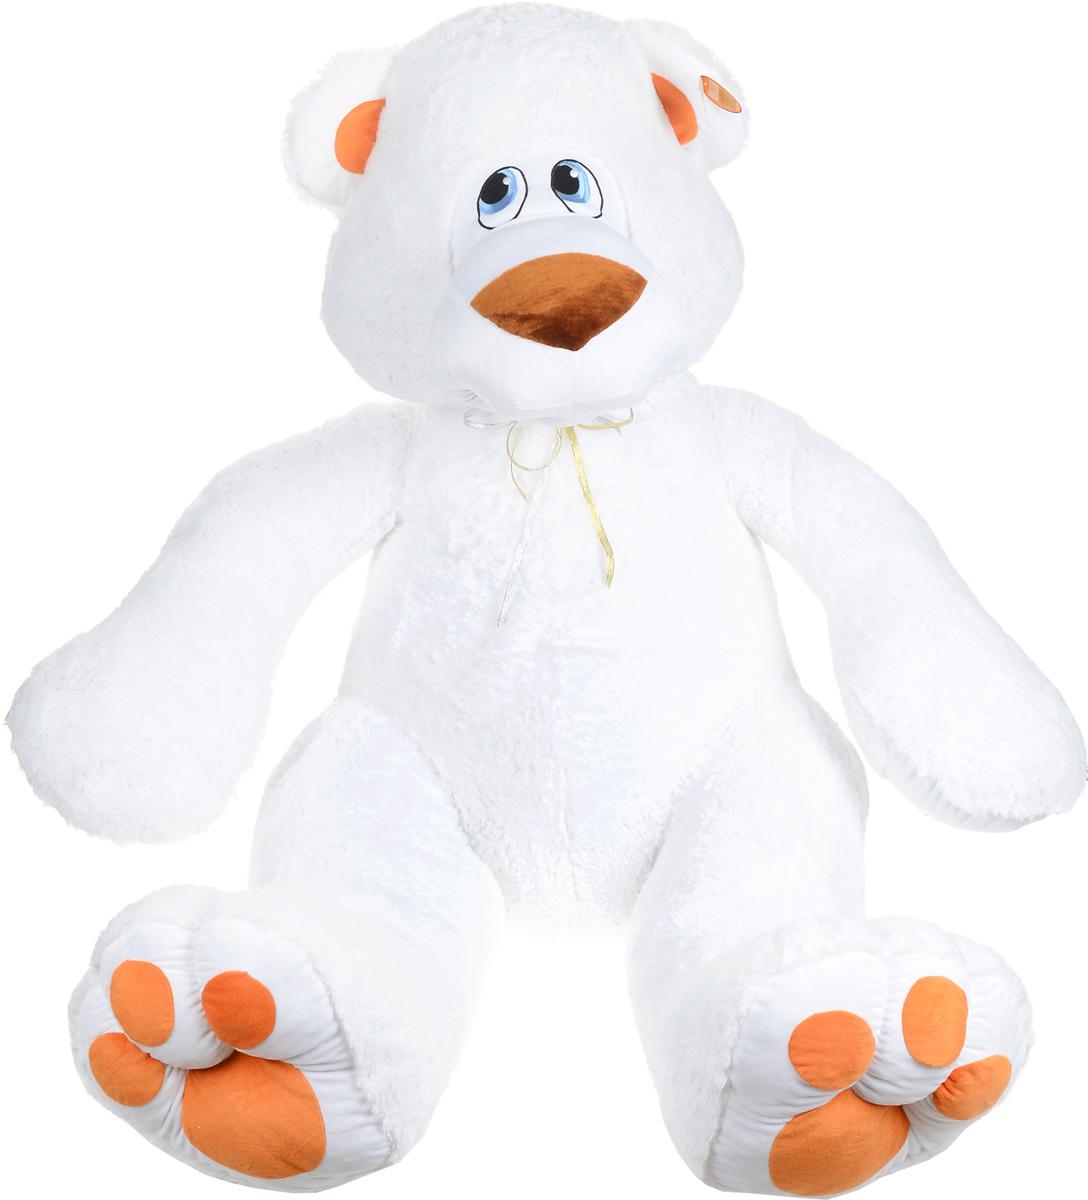 СмолТойс Мягкая игрушка Белая медведица 90 см3995В/БЕЛОчаровательная мягкая игрушка СмолТойс Белая медведица, выполненная из высококачественных и нетоксичных материалов в виде большого белого медвежонка с милыми голубыми глазами, вызовет умиление и улыбку у каждого, кто ее увидит. Удивительно мягкая игрушка принесет радость и подарит своему обладателю мгновения нежных объятий и приятных воспоминаний. Великолепное качество исполнения делают эту игрушку чудесным подарком к любому празднику.